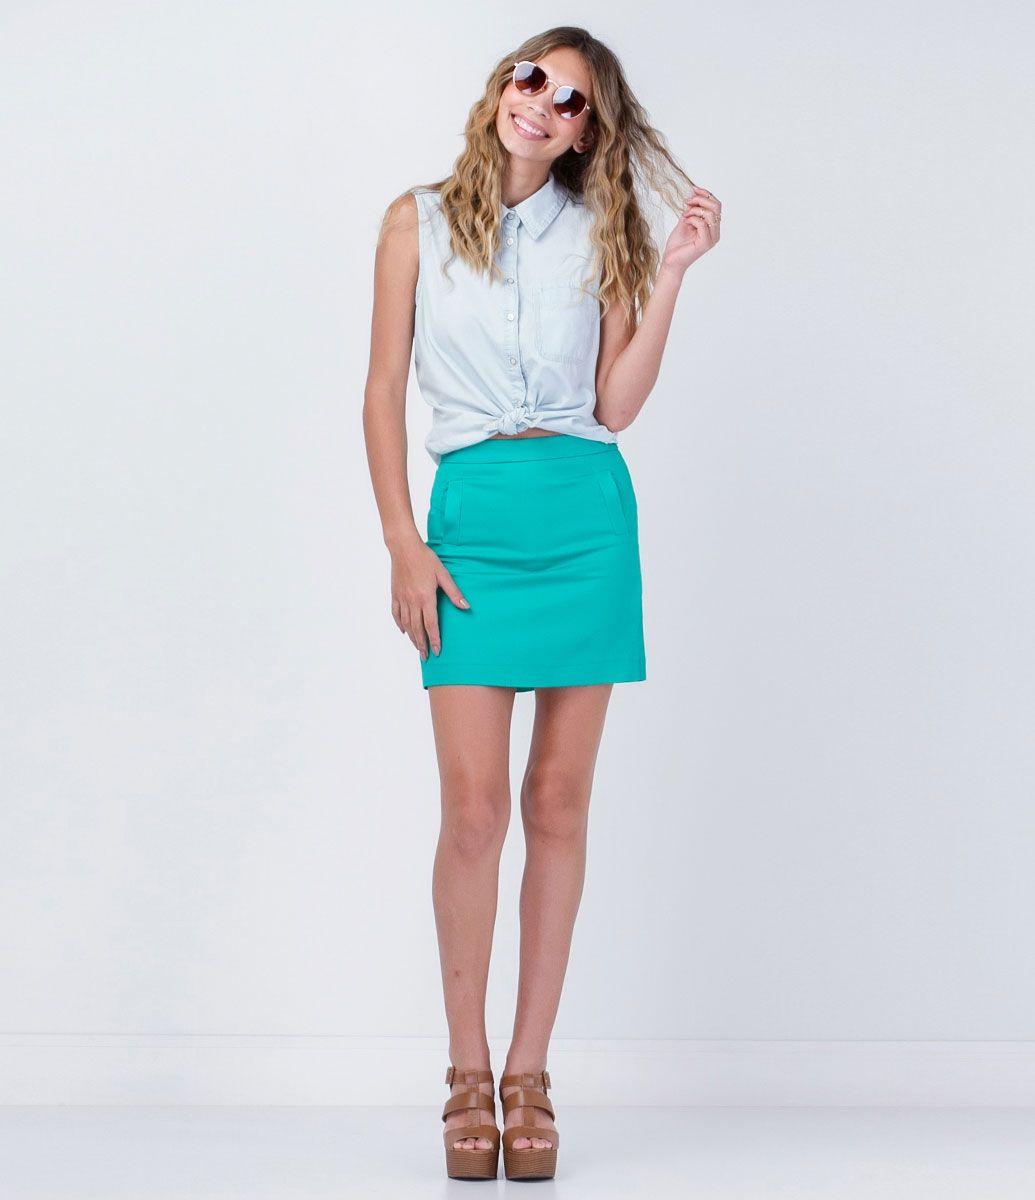 Saia feminina  Modelo mini  Cotton  Marca: Blue Steel  Tecido: Algodão com elastano  Composição: 98% Algodão; 2% Elastano  Modelo veste tamanho: P       Medidas da Modelo:   Altura: 1,75  Busto: 81  Cintura: 64  Quadril: 91     COLEÇÃO VERÃO 2016     Veja outras opçoes de    saias femininas.